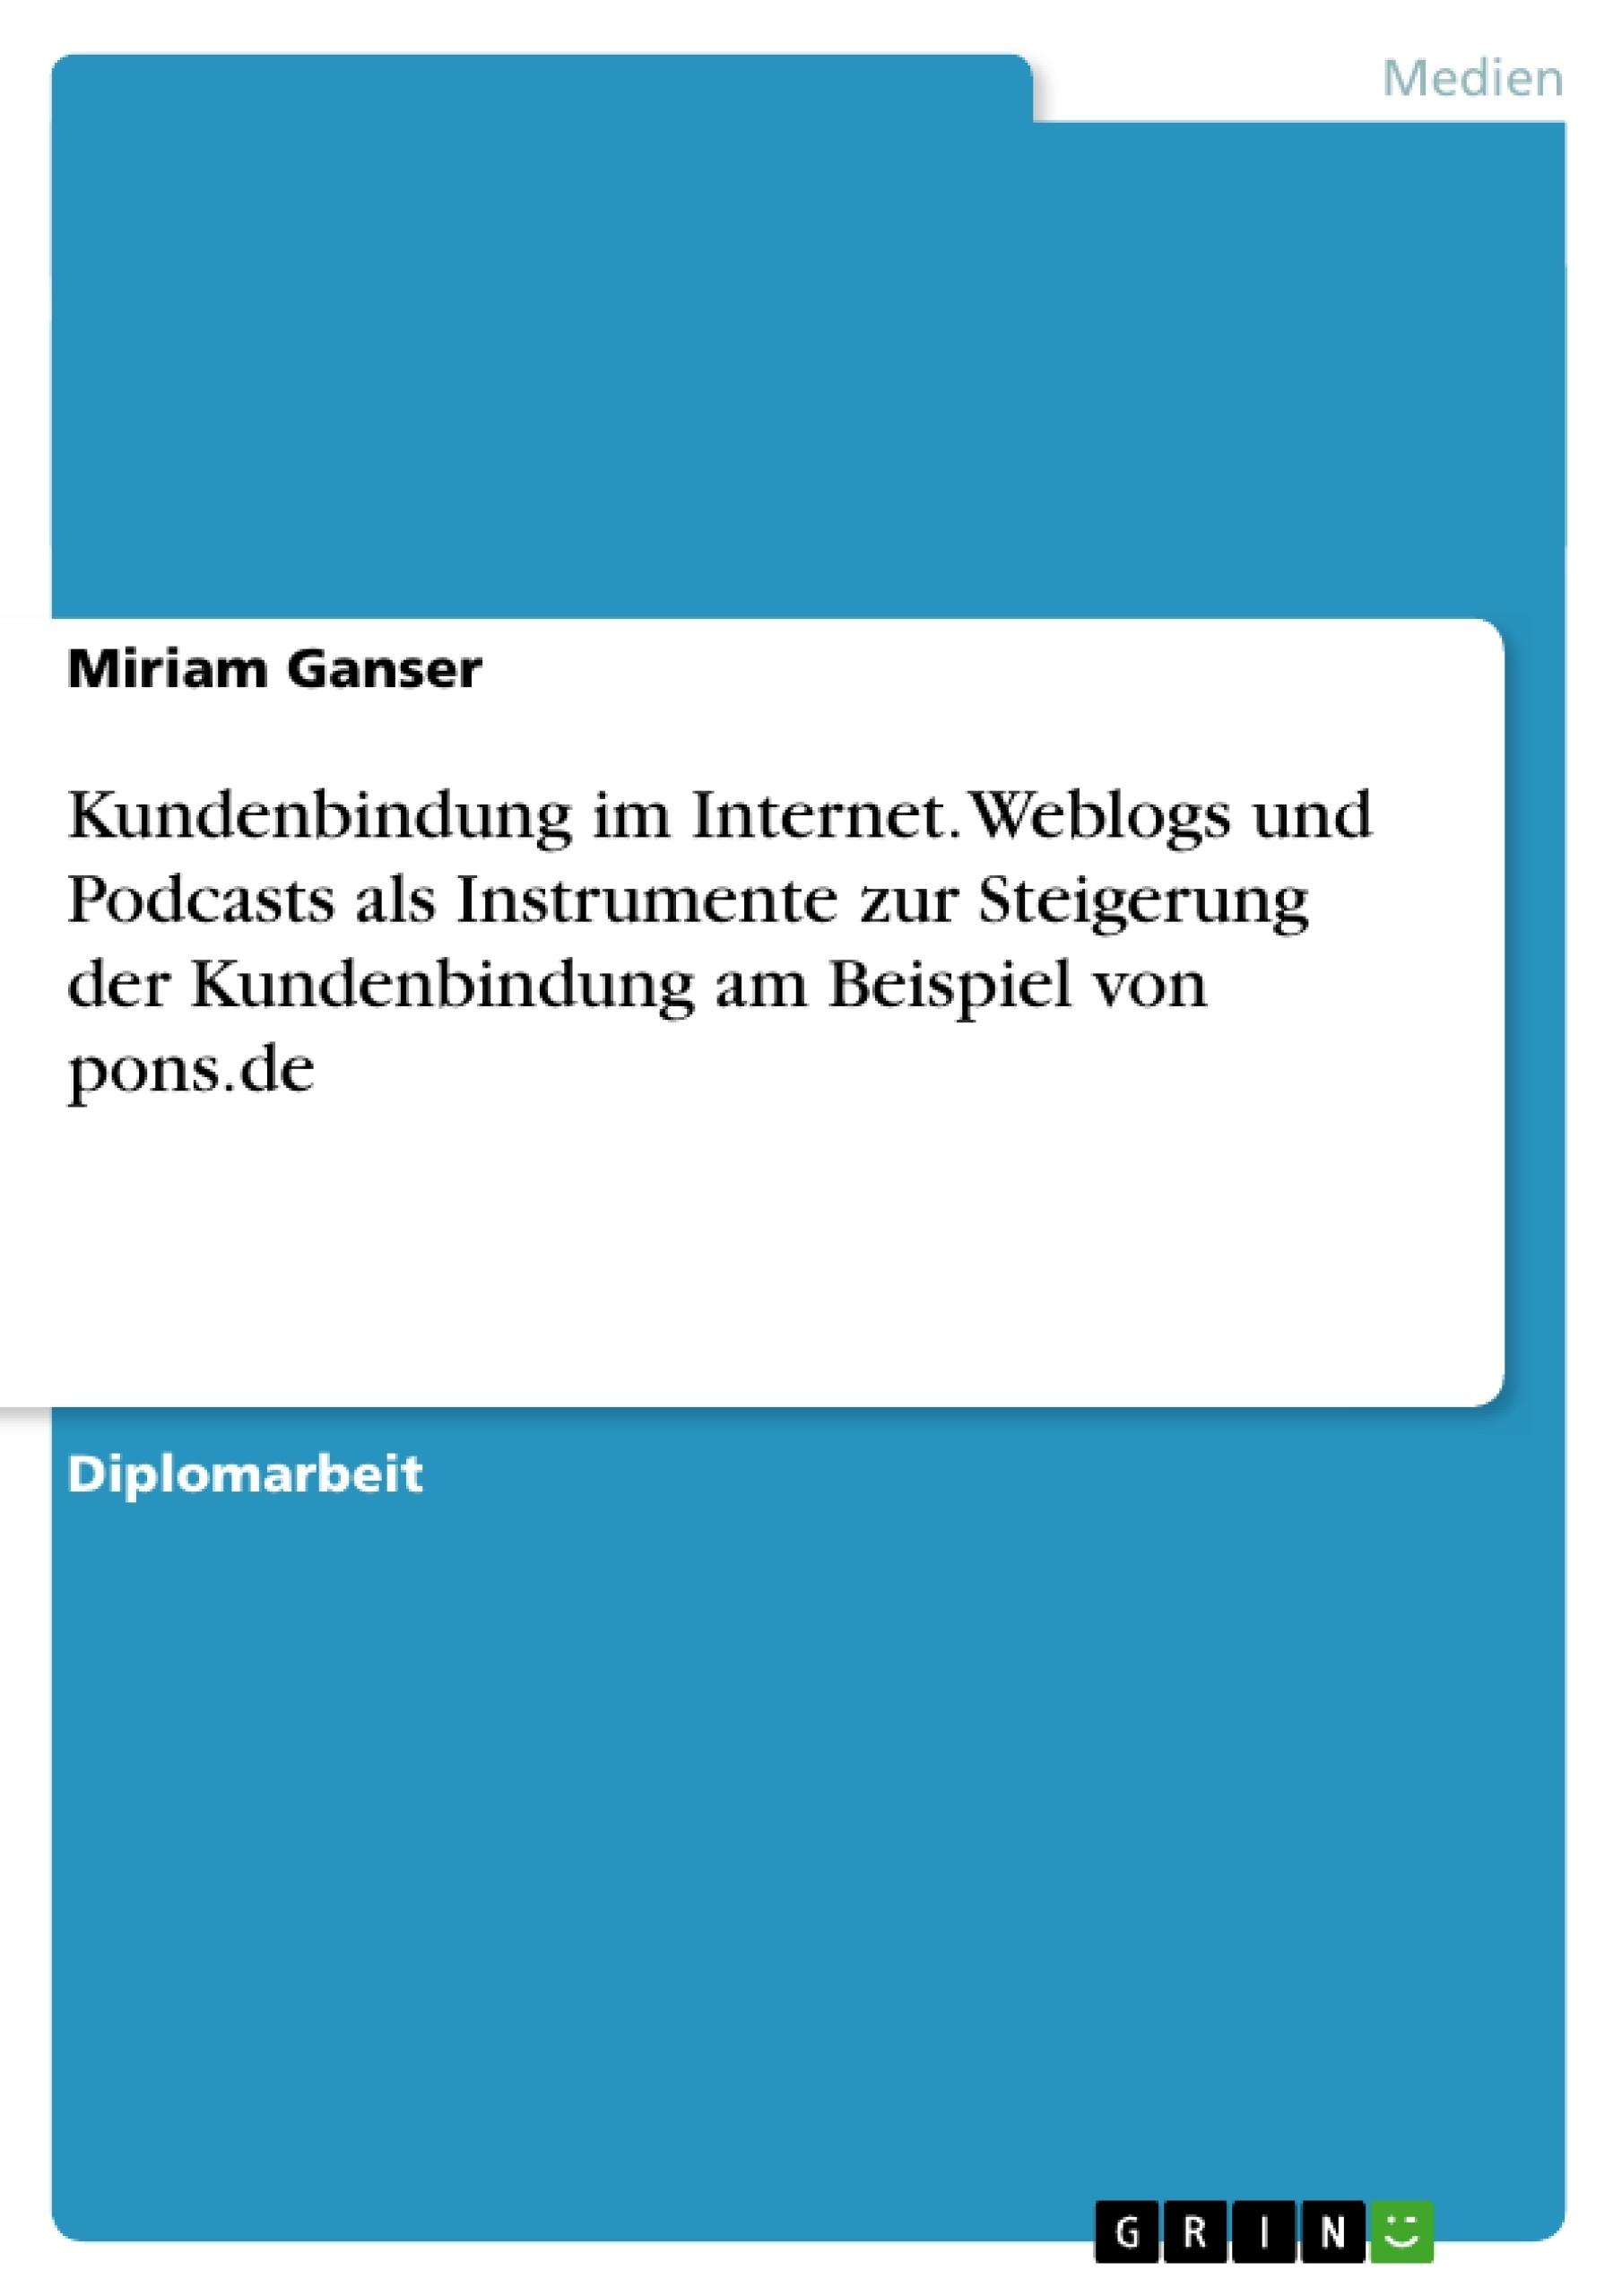 Titel: Kundenbindung im Internet. Weblogs und Podcasts als Instrumente zur Steigerung der Kundenbindung am Beispiel von pons.de